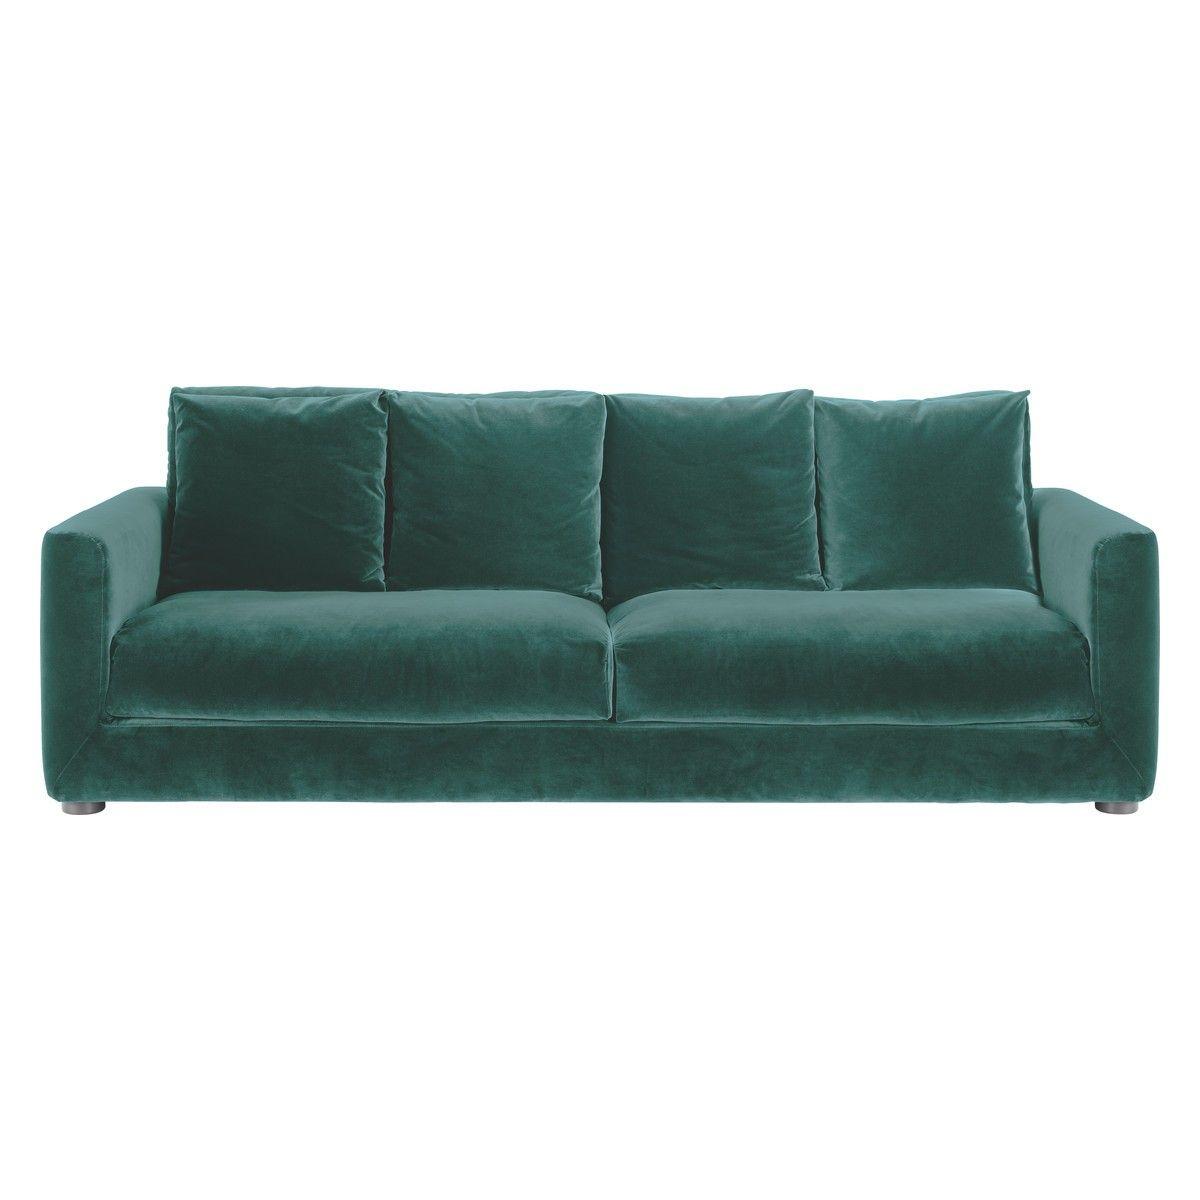 Rupert Emerald Green Velvet 4 Seater Sofa 4 Seater Sofa Bed 3 Seater Sofa Bed Grey Velvet Sofa